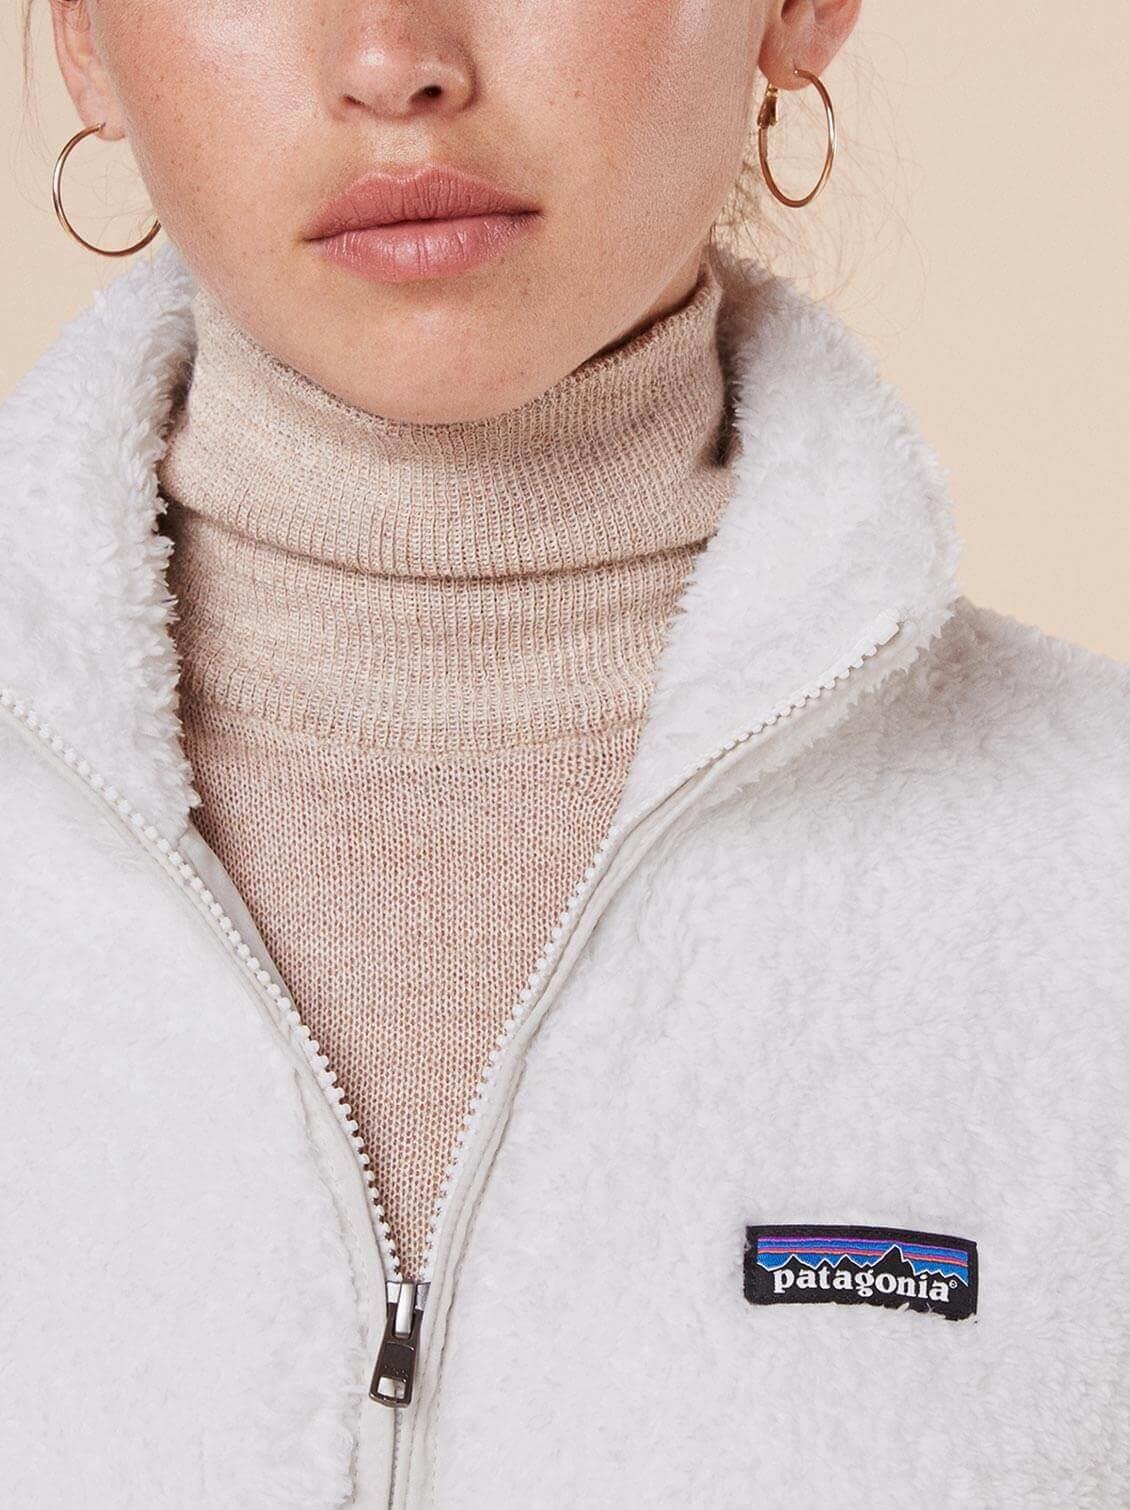 Patagonia Los Gatos Fleece Jacket